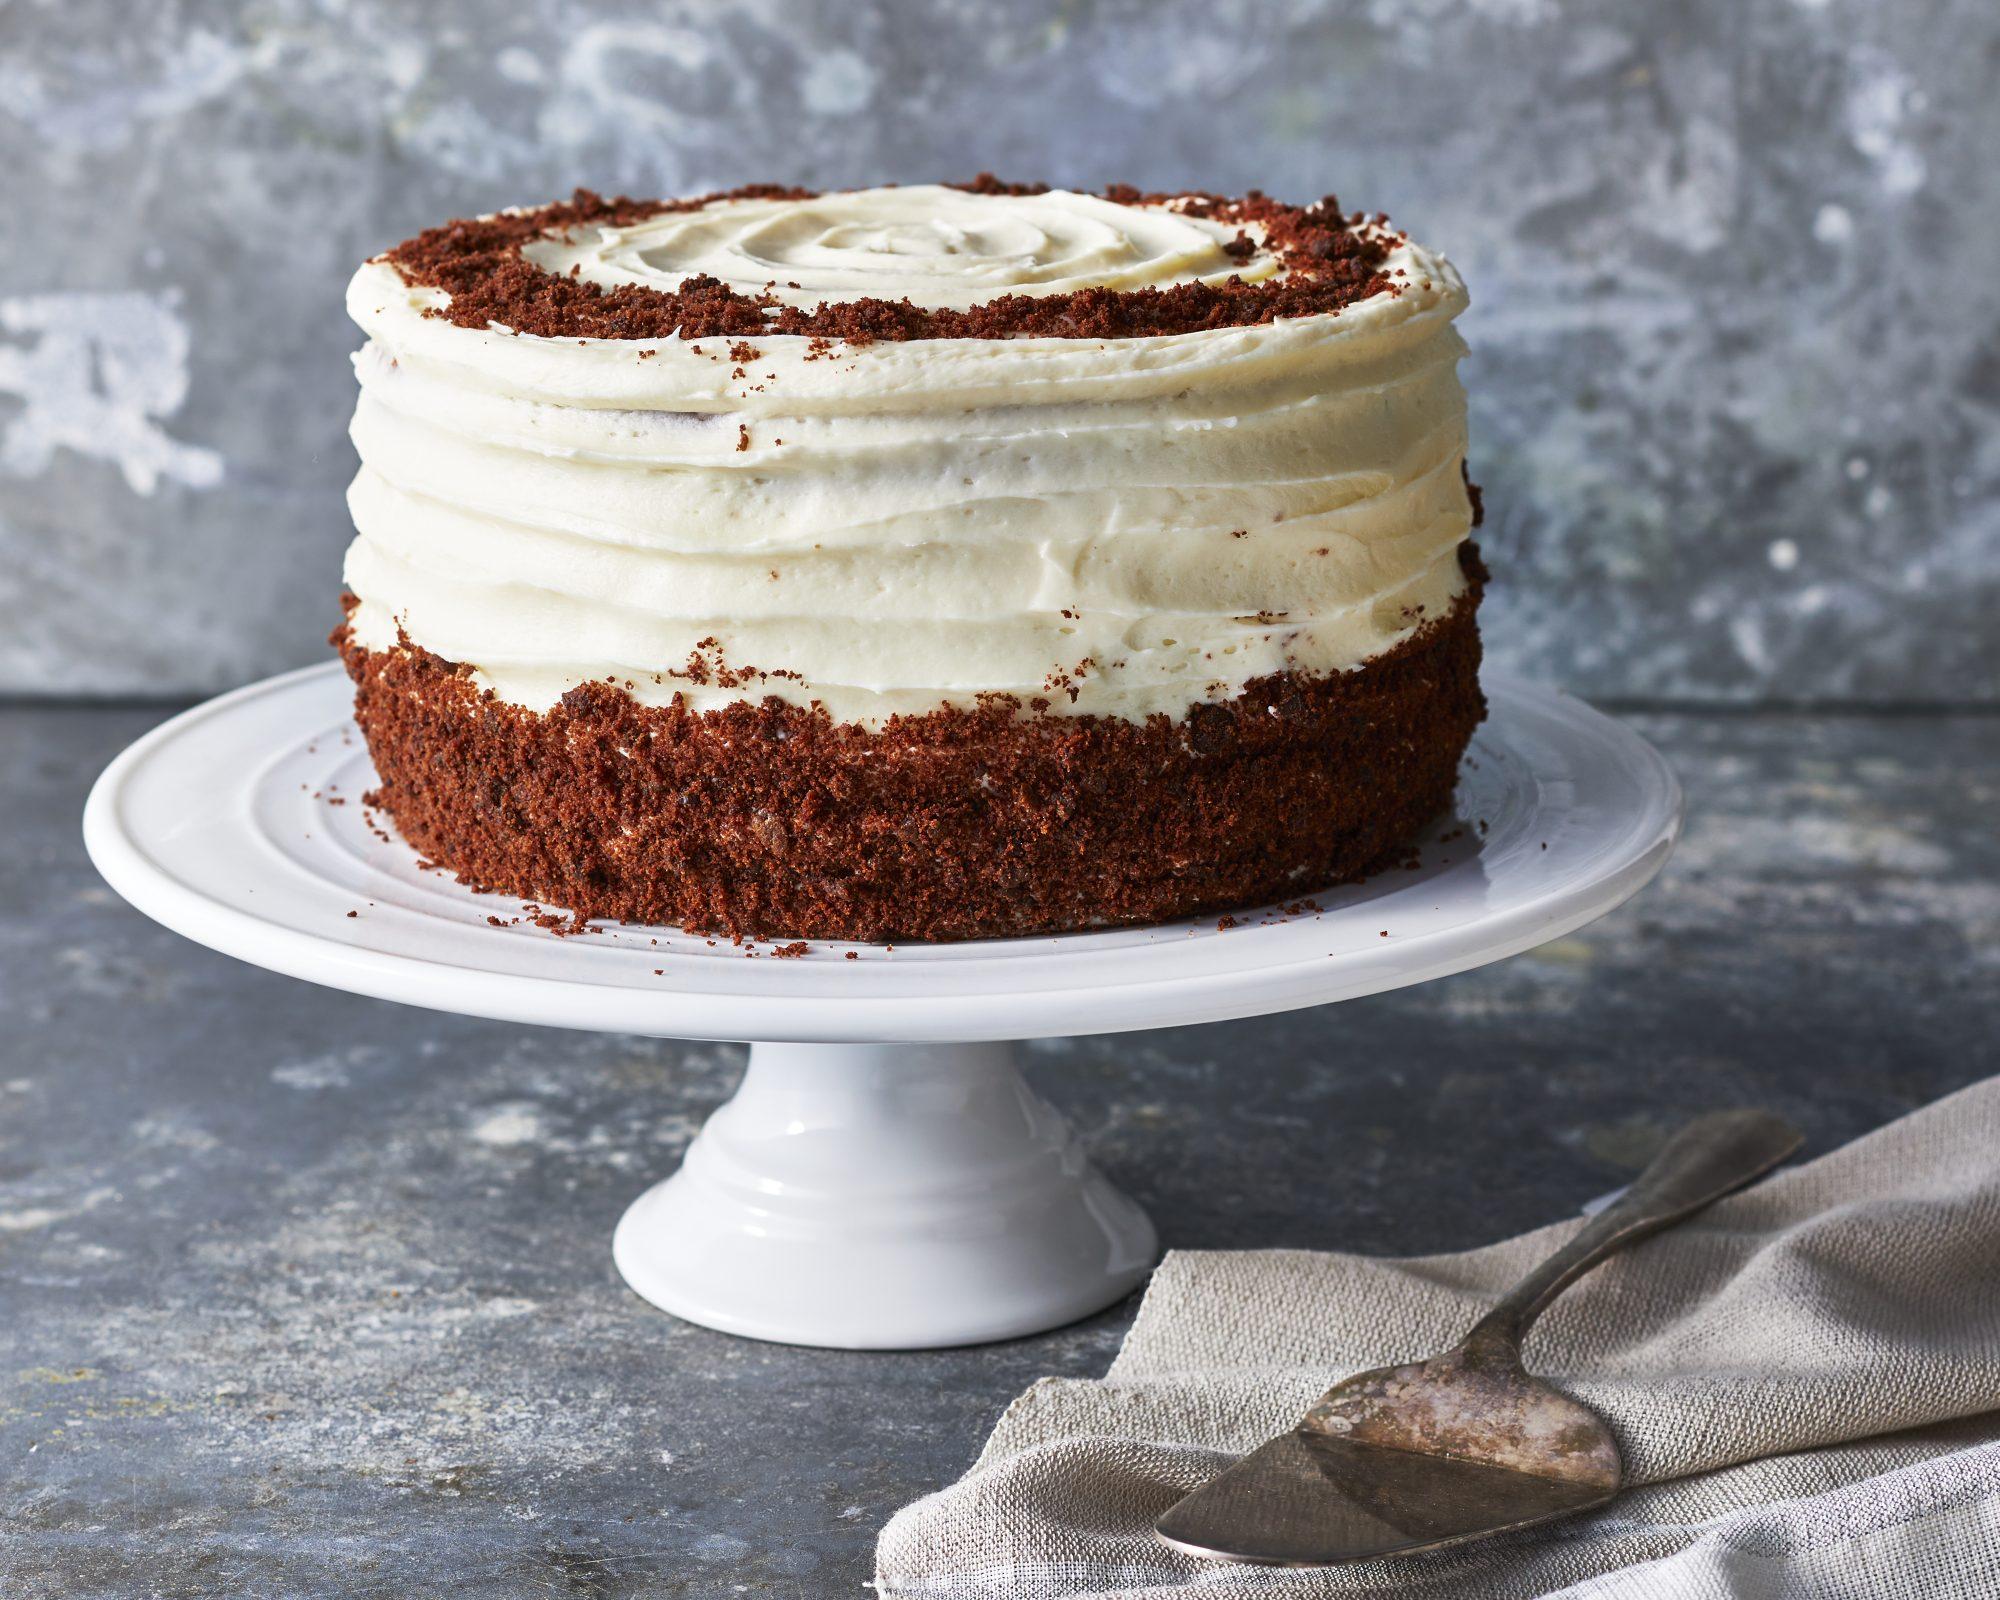 Brown Velvet Cake image